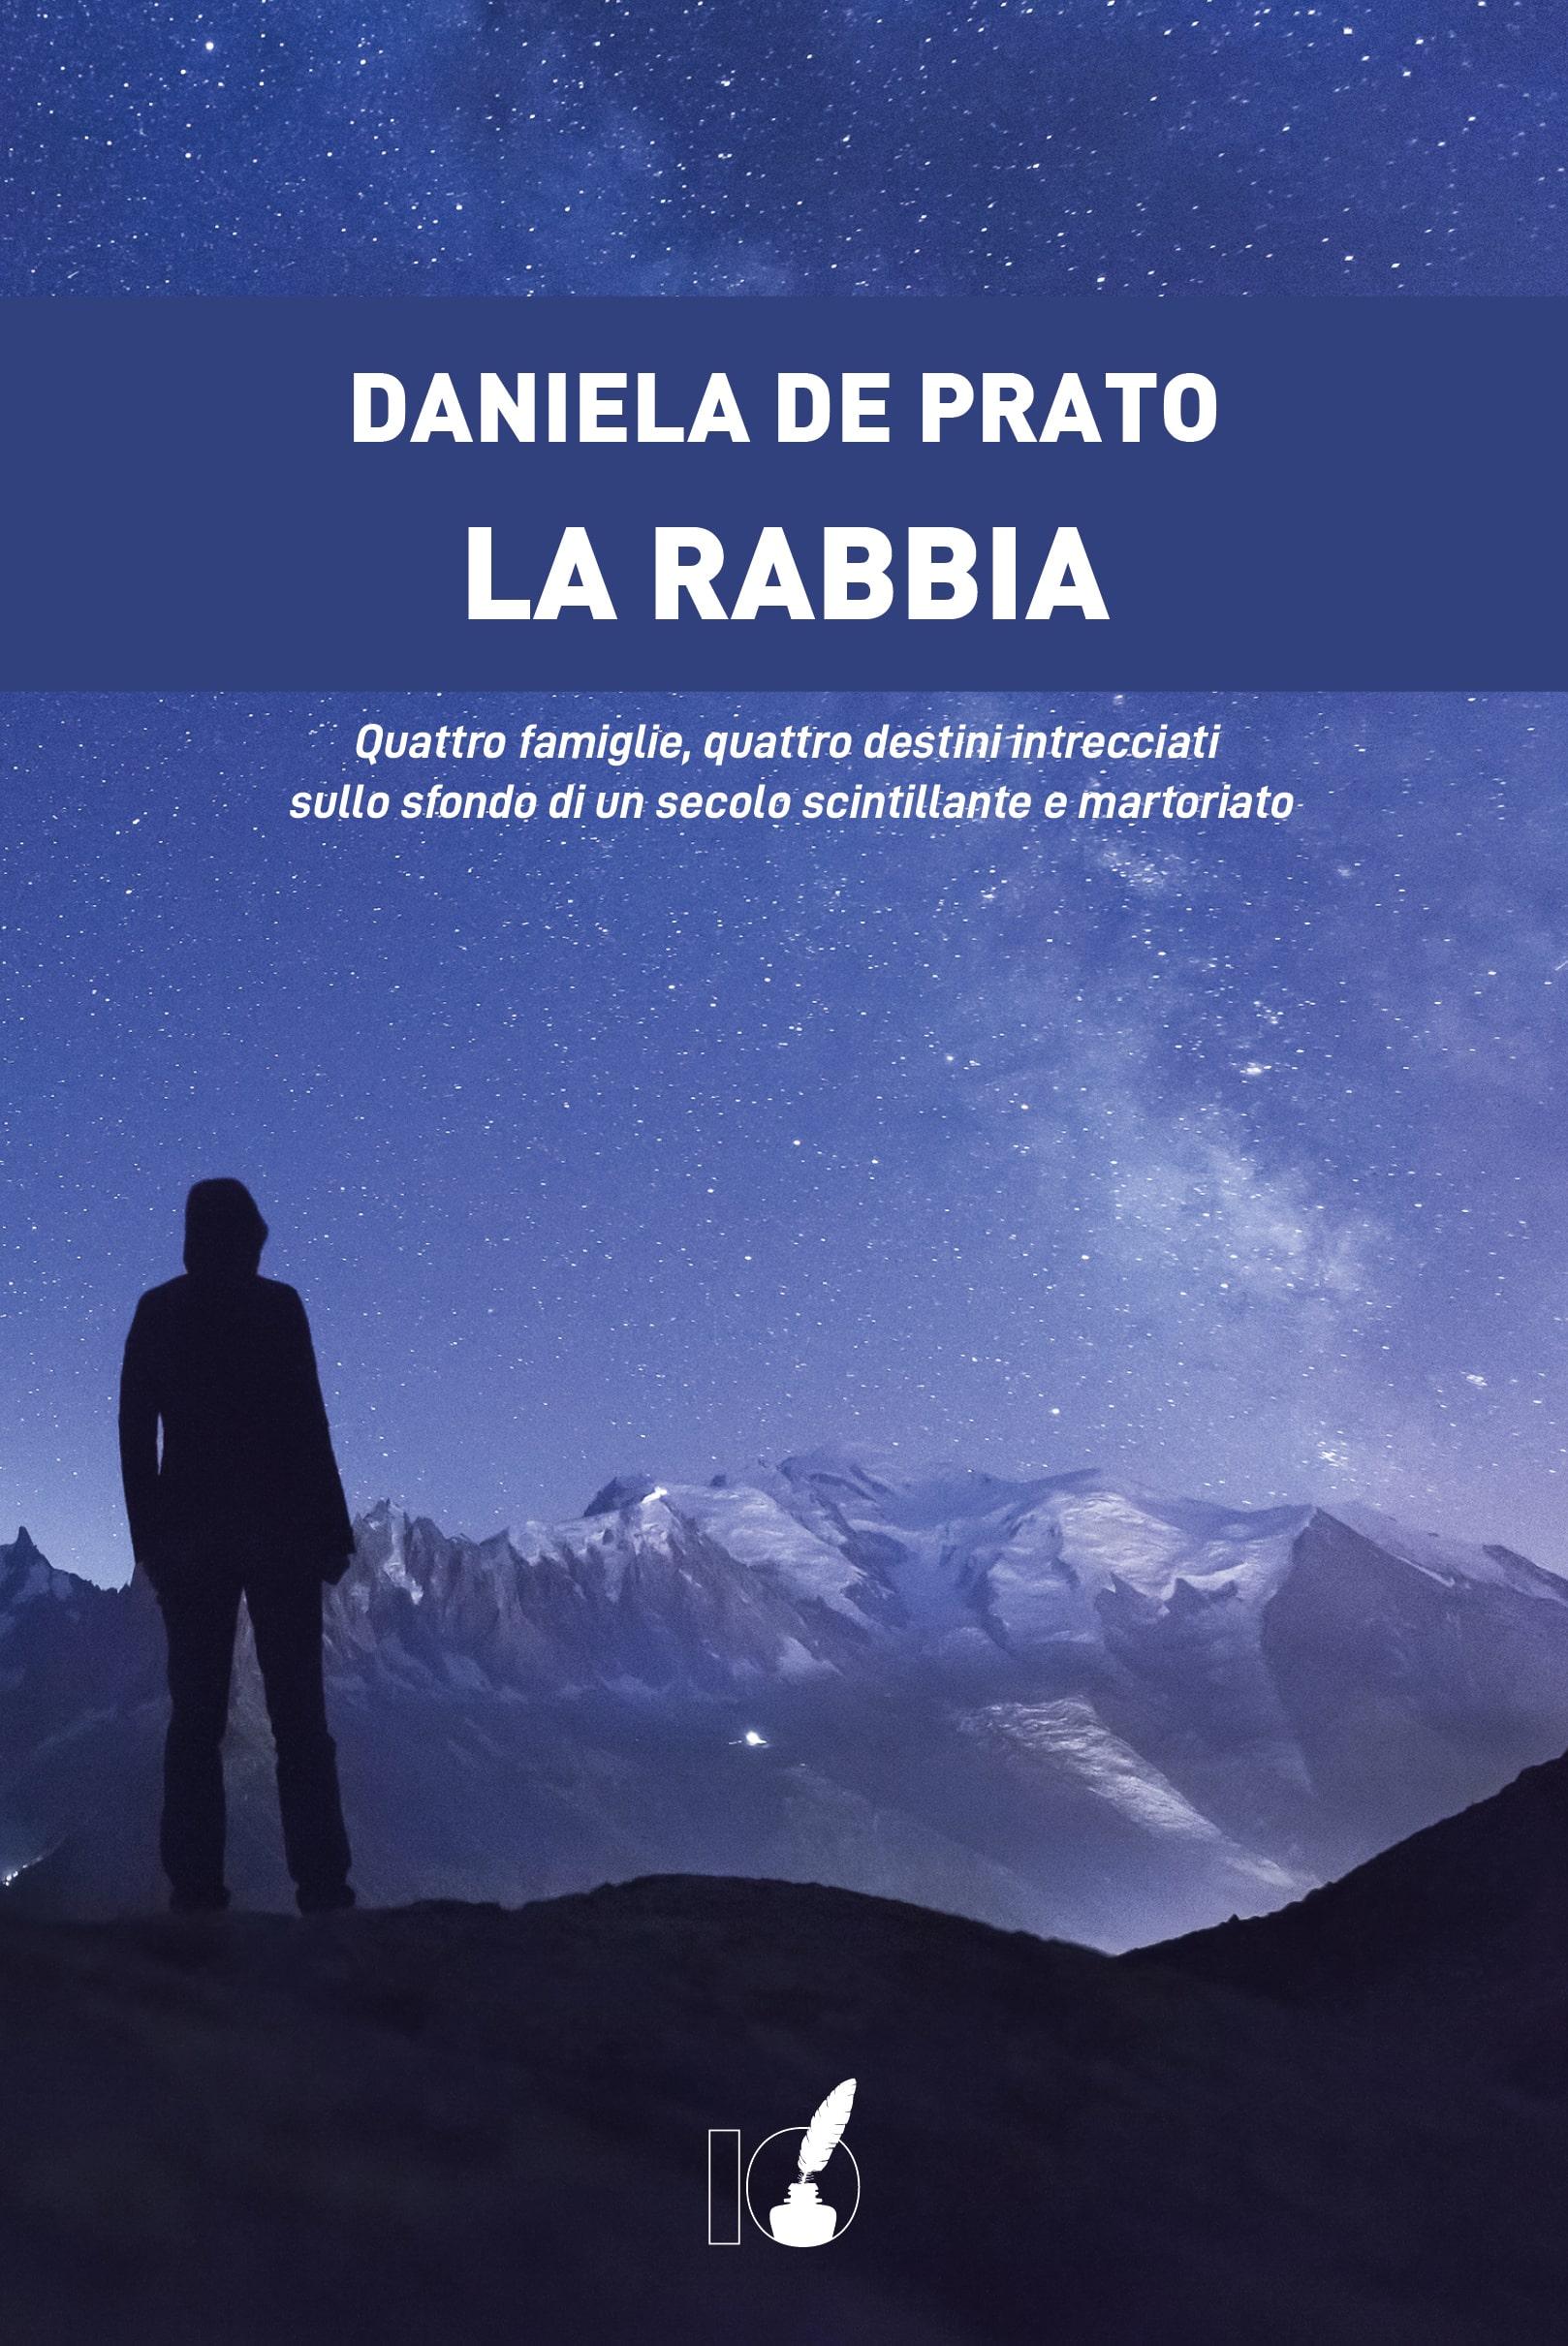 La rabbia, Daniela De Prato